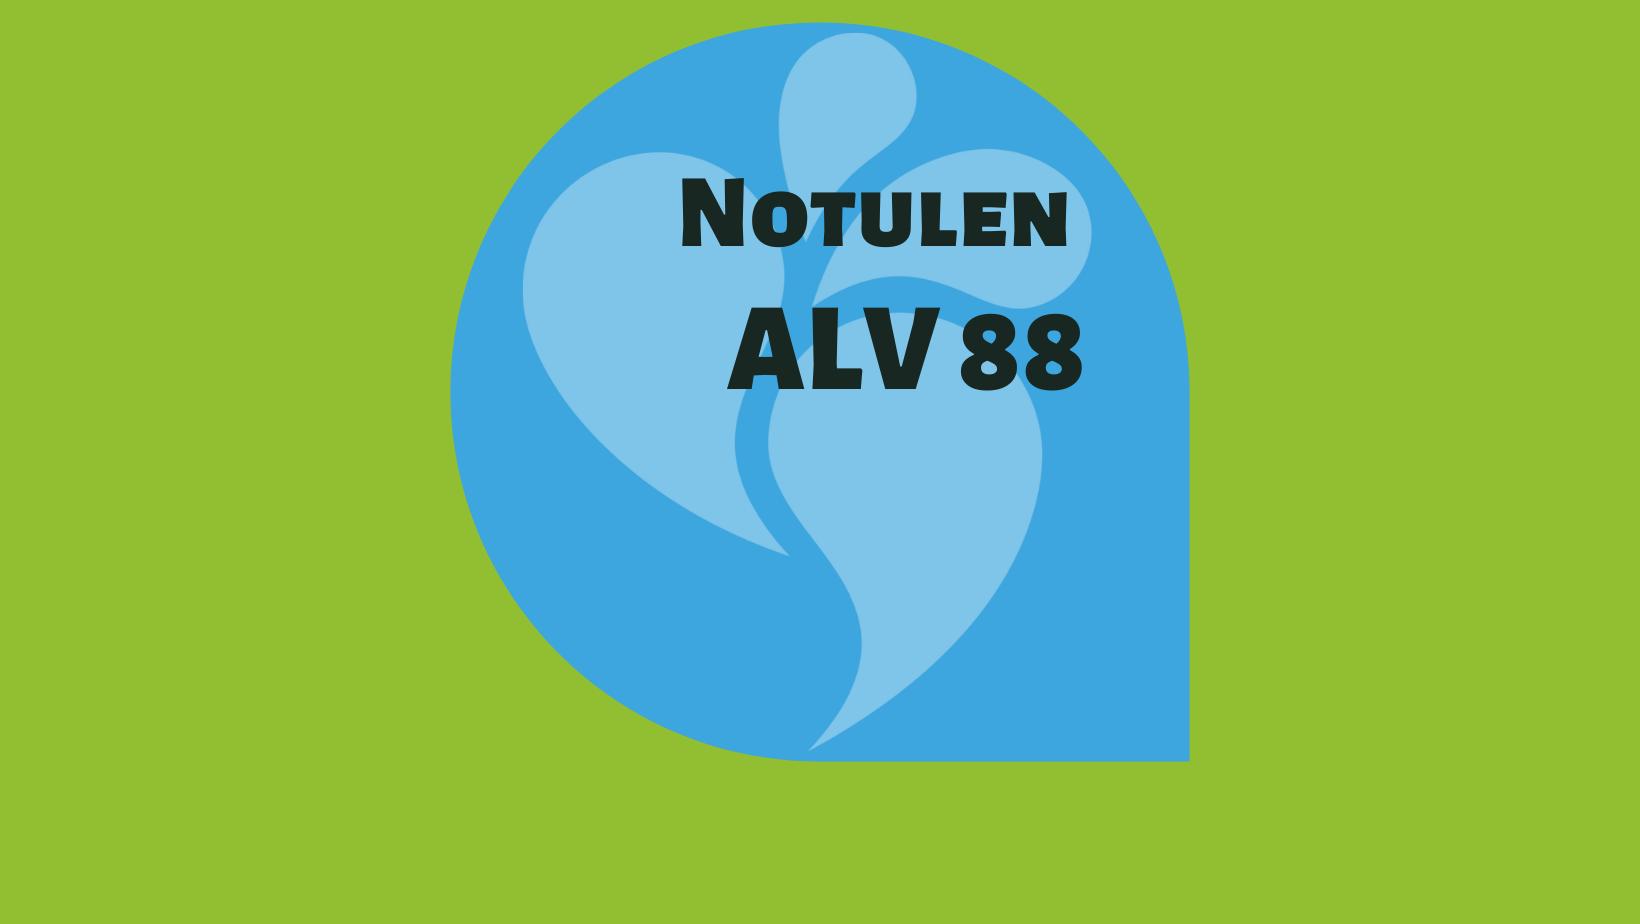 Notulen ALV 88